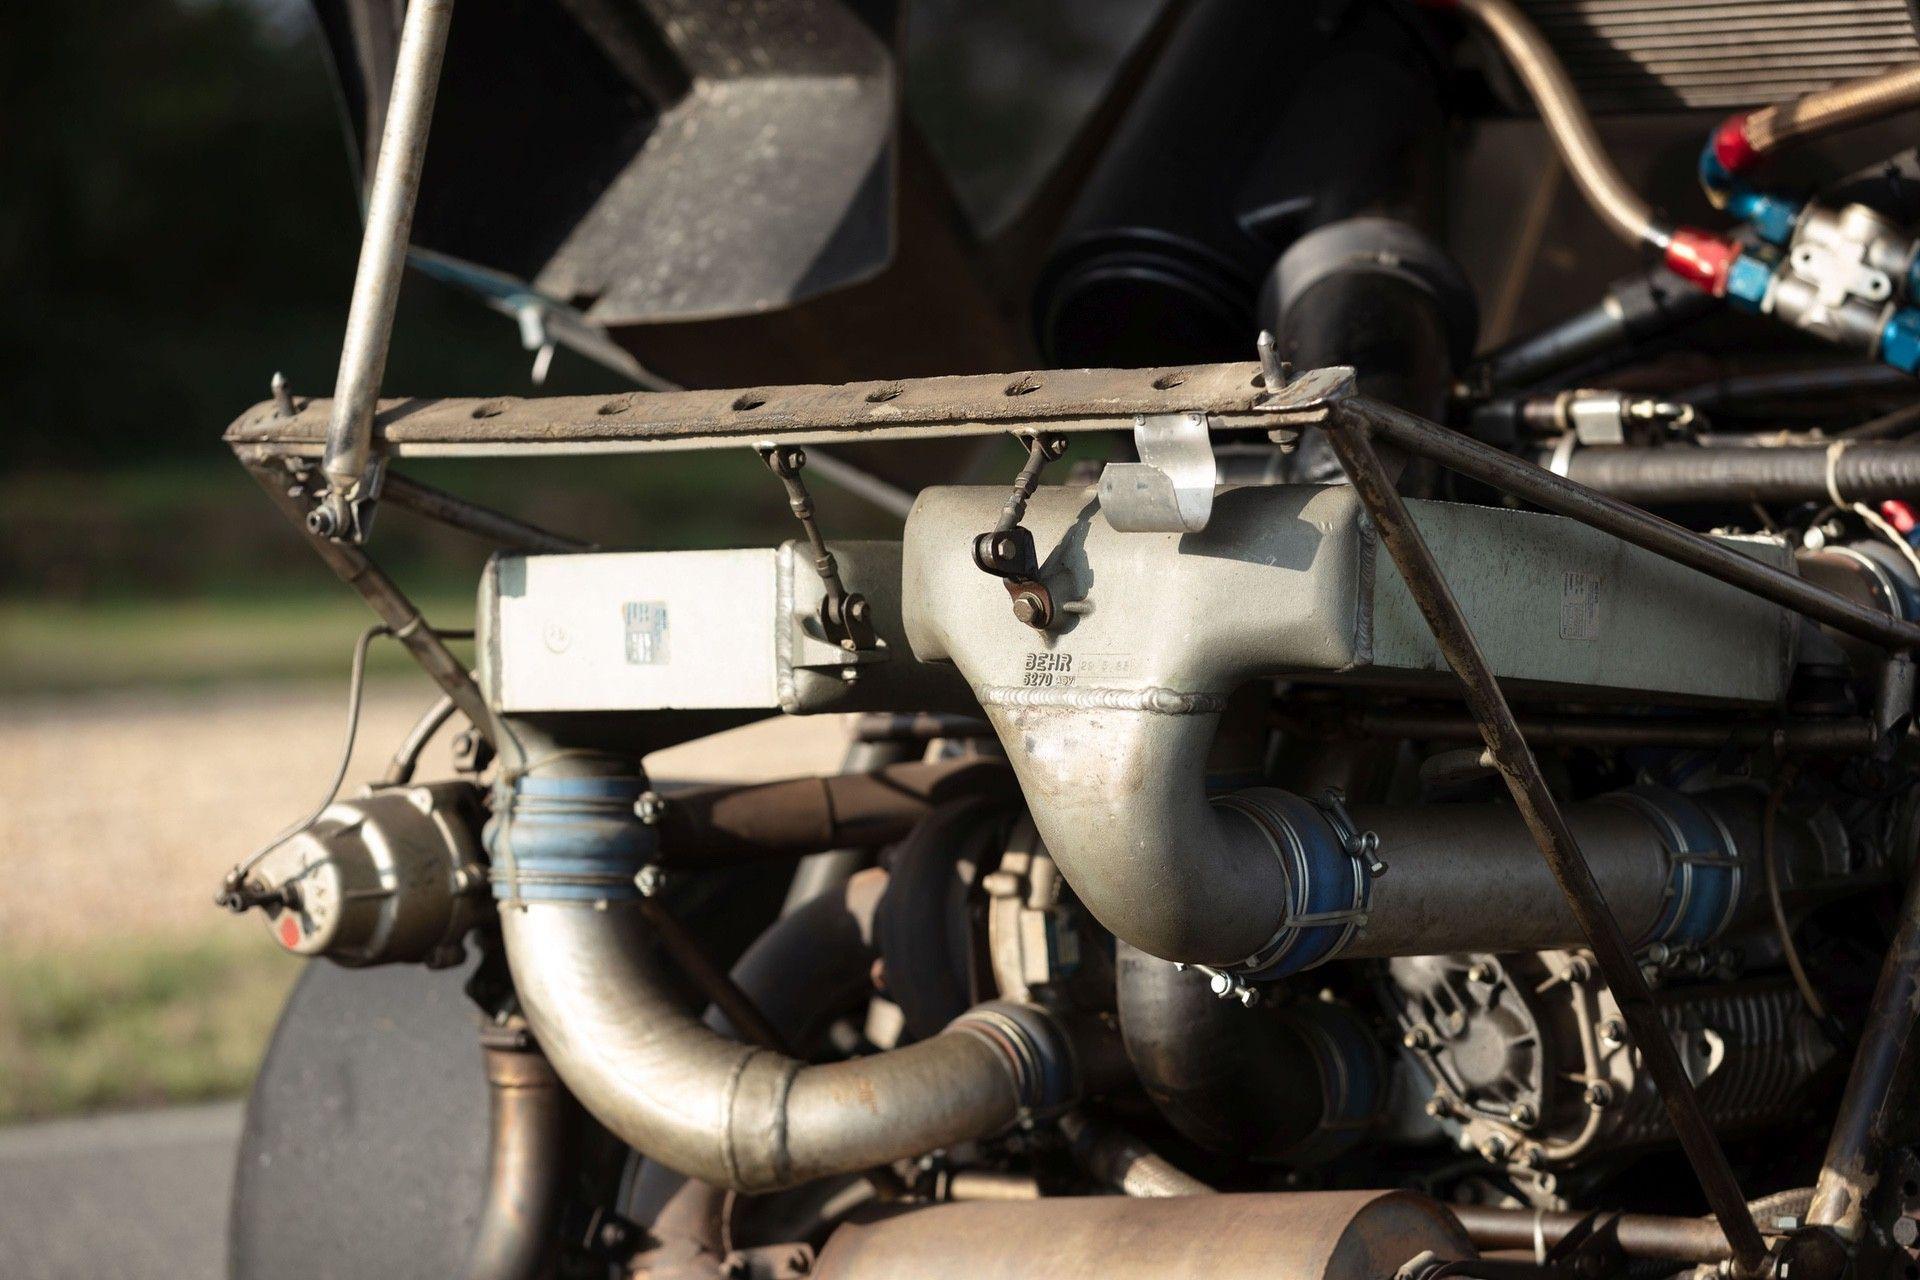 1986_Lancia_Delta_S4_sale-0027